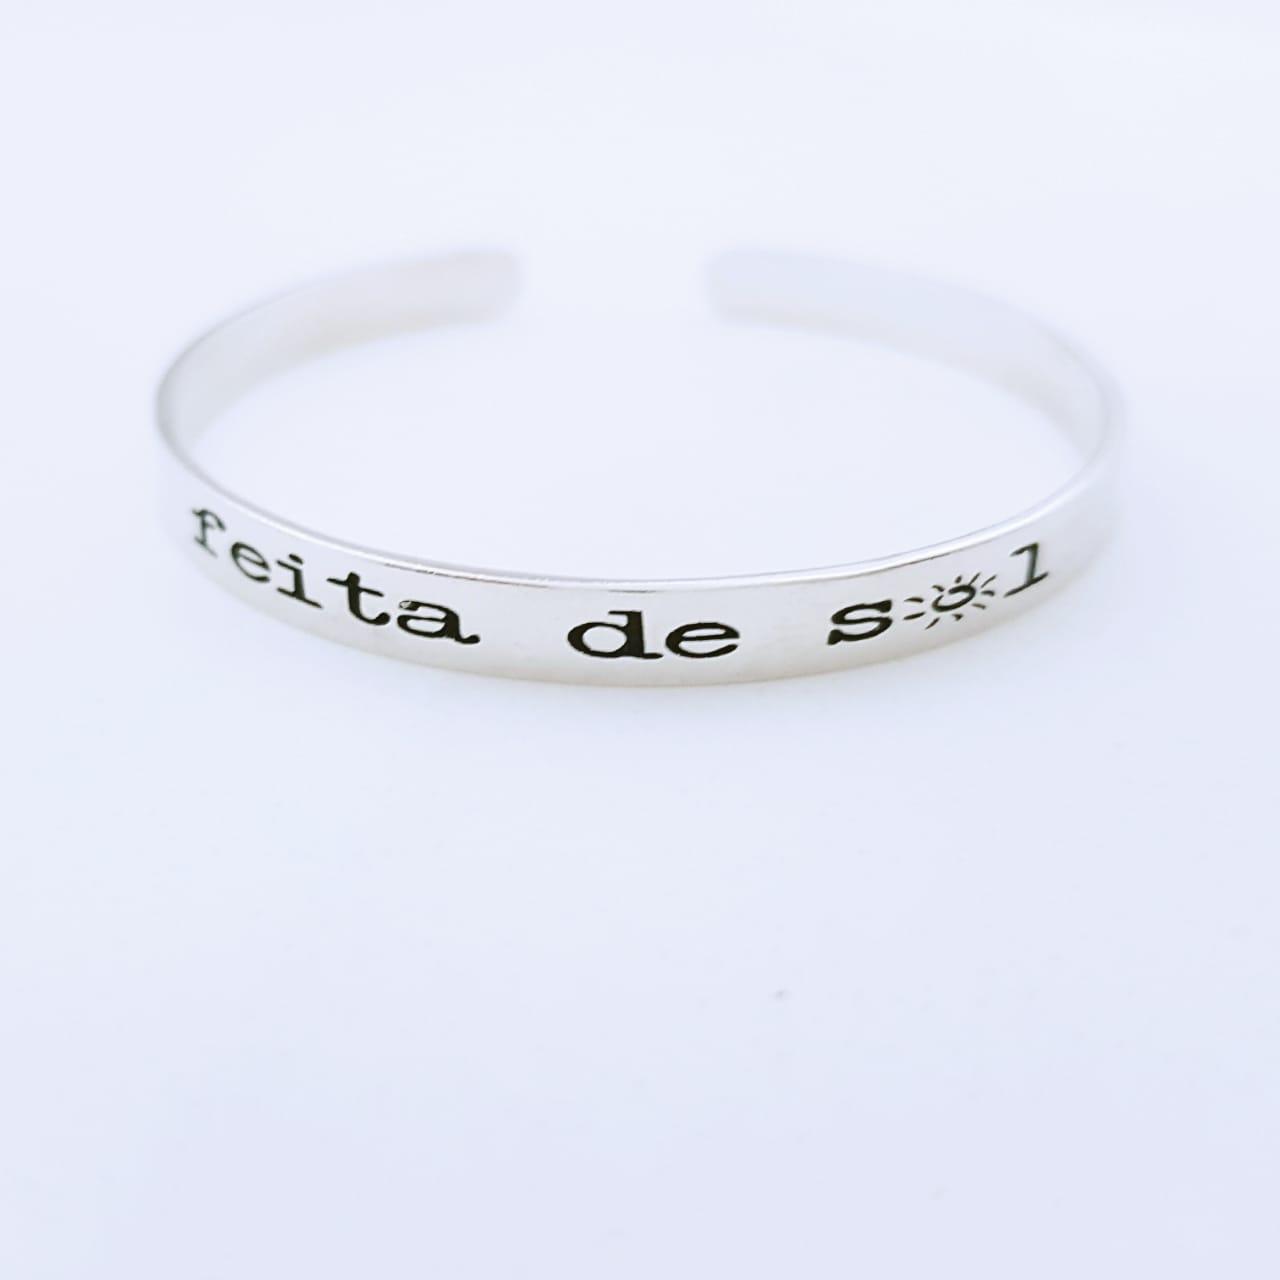 Bracelete de Prata Feita de Sol